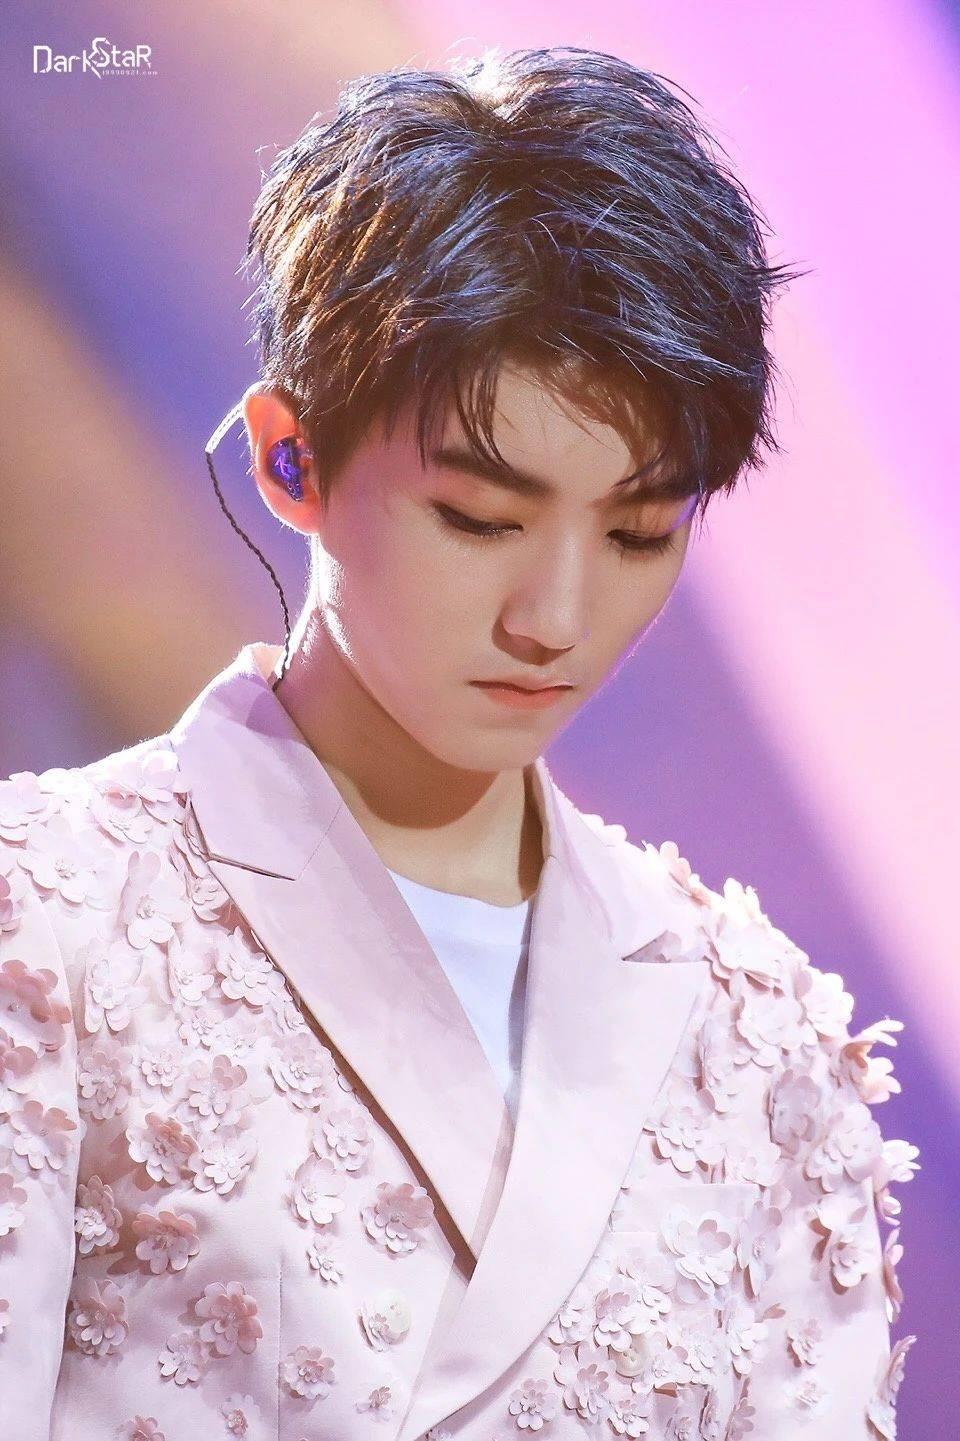 王俊凯壁纸:你眼中的世界,我眼中的你,都是这世上最美的风景